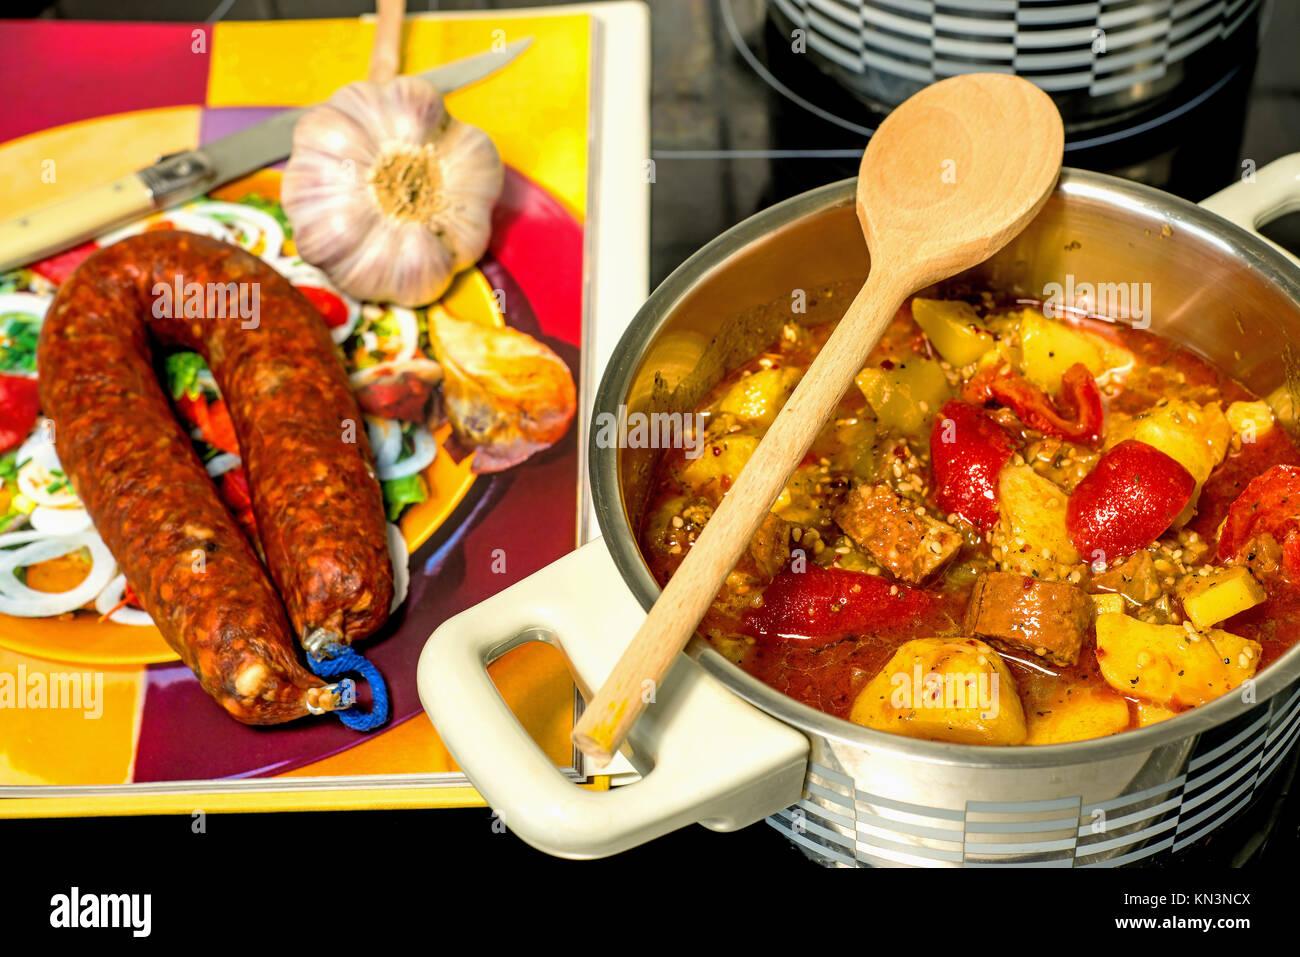 Spanish stew with chorizo sausage. - Stock Image